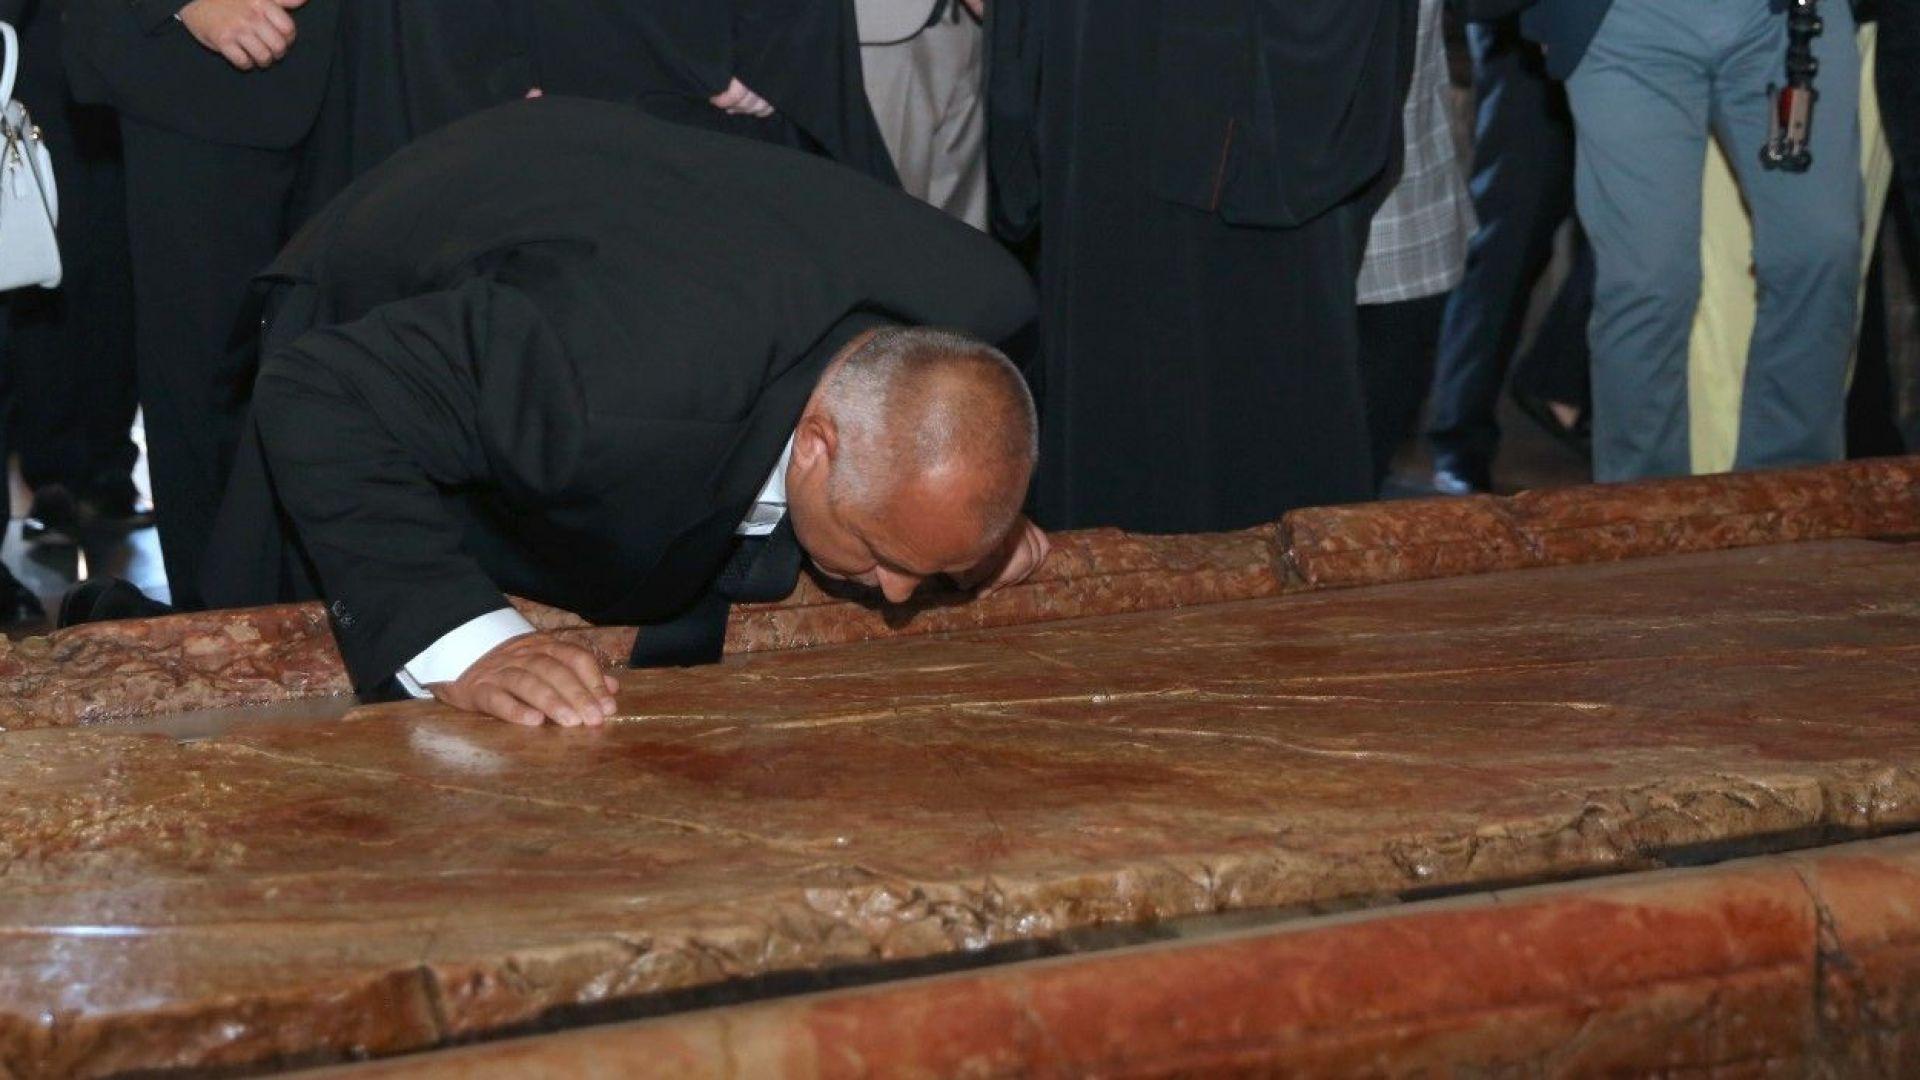 Бойко Борисов дарява 20 000 лв., събрани за рождения му ден, за строеж на църква и ремонт на джамия